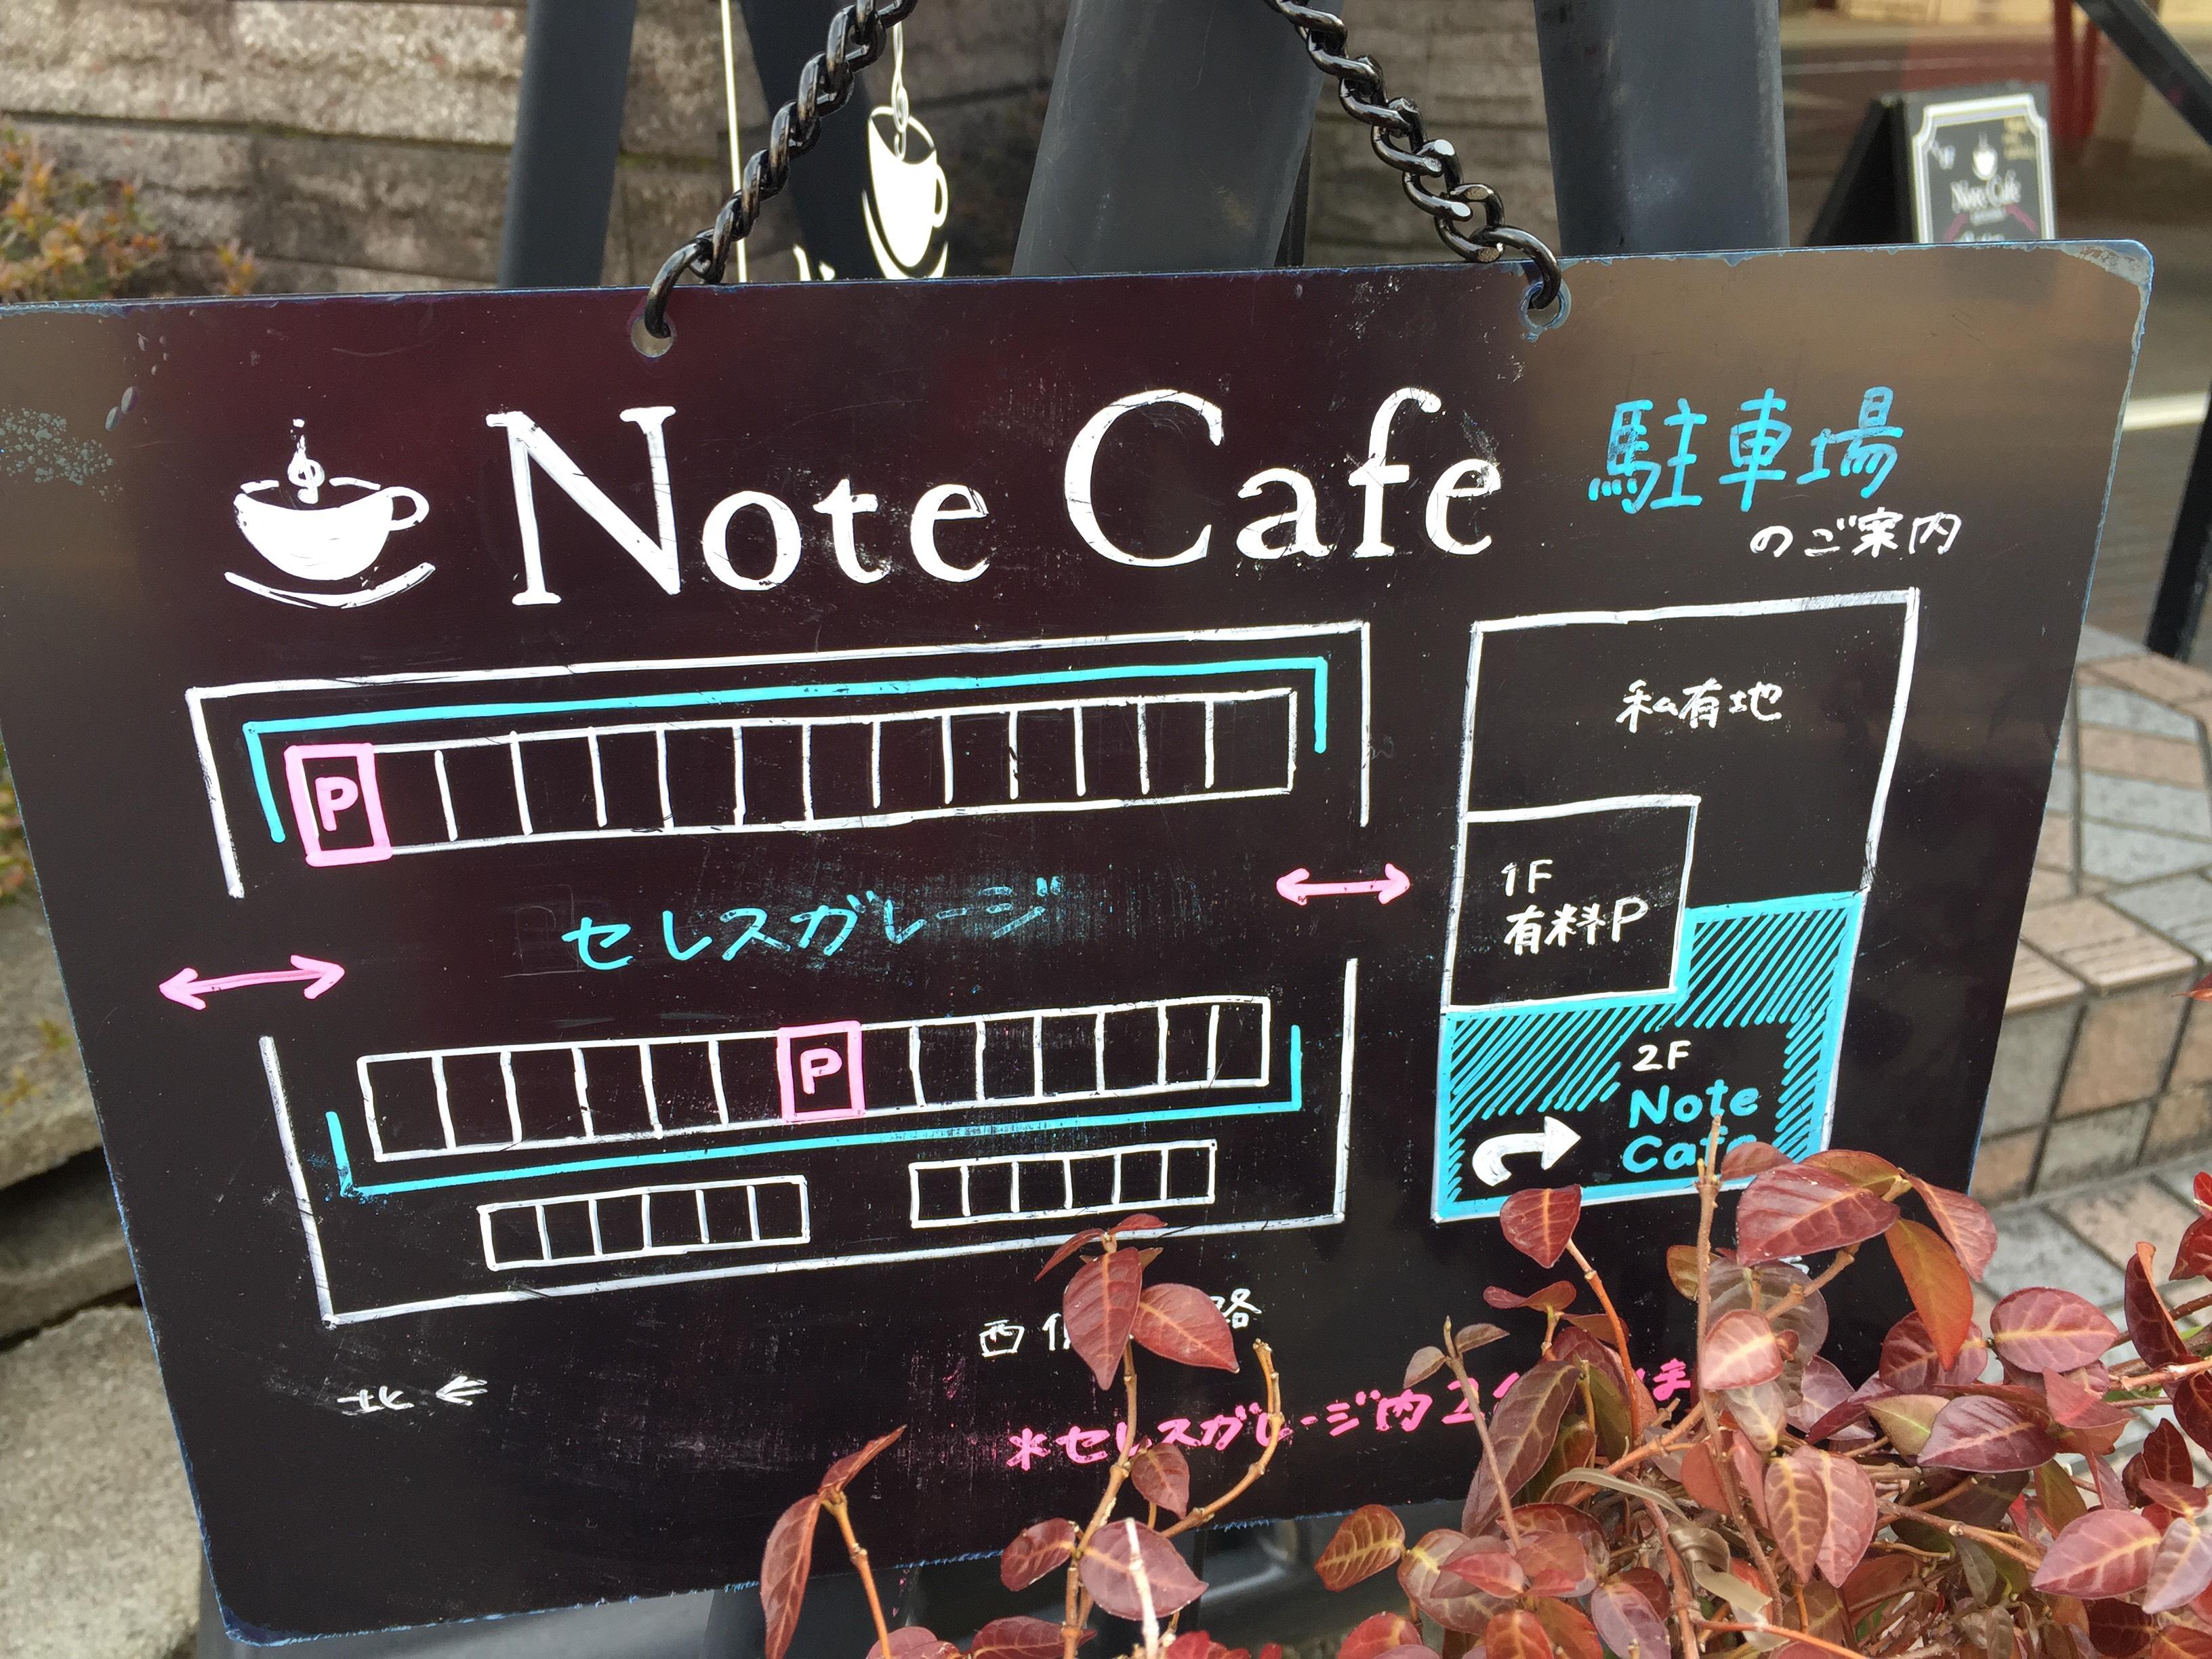 ノートカフェ 駐車場